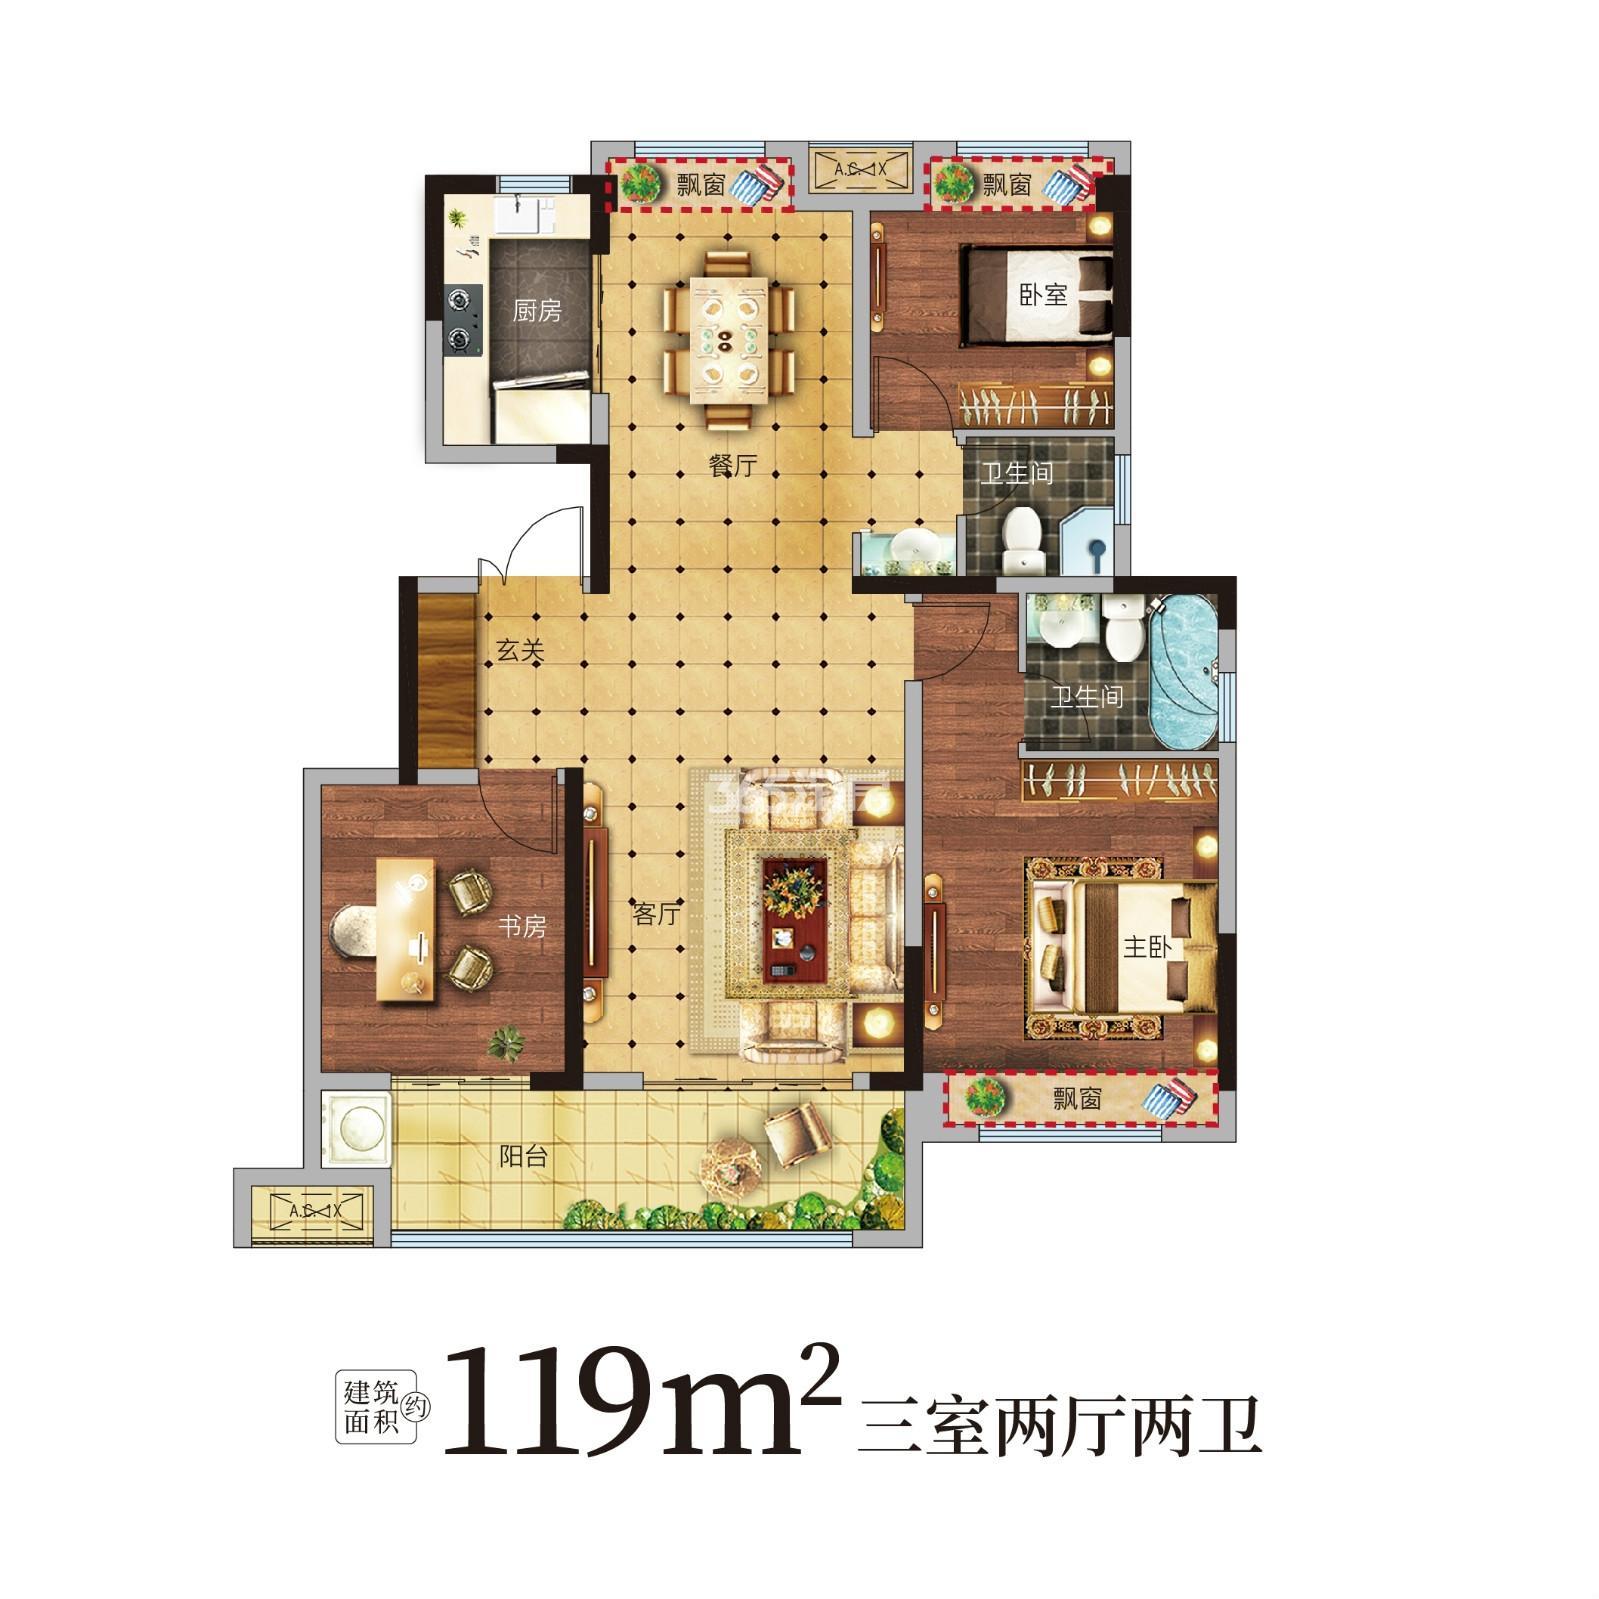 北京城房·珑熙庄园户型图